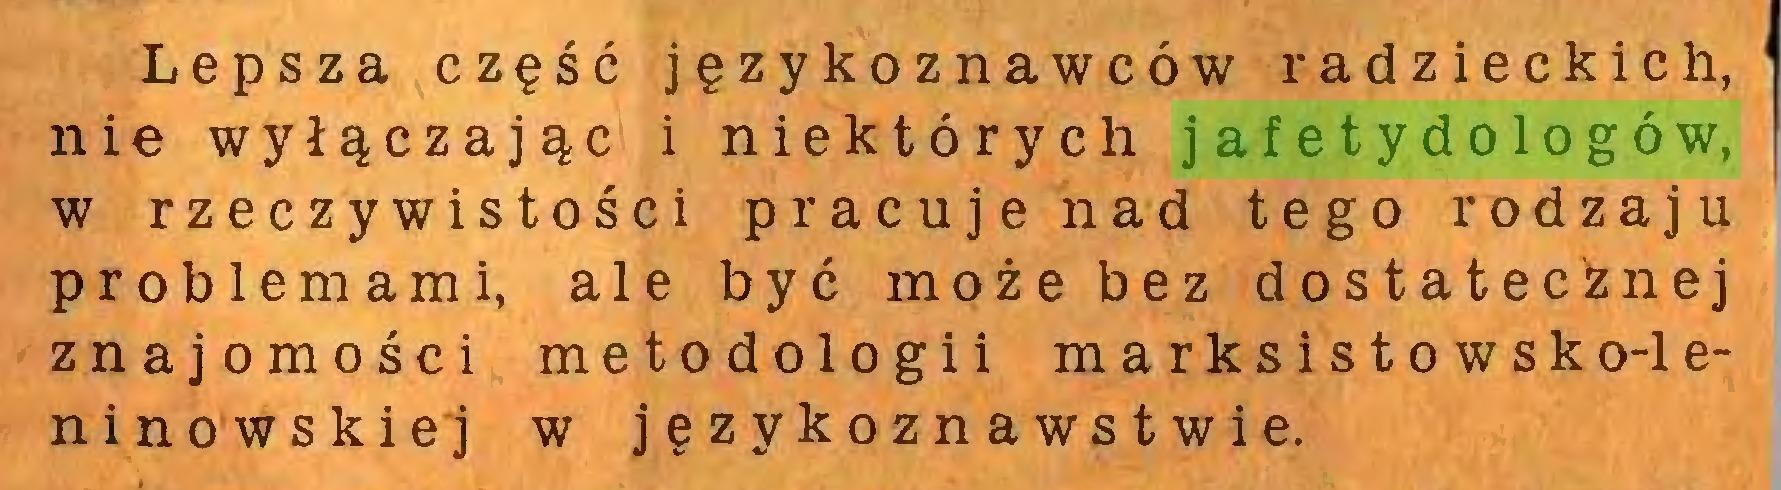 (...) Lepsza część językoznawców radzieckich, nie wyłączając i niektórych jafetydologów, w rzeczywistości pracuje nad tego rodzaju problemami, ale być może bez dostatecżnej znajomości metodologii marksistowsko-leninowskiej w językoznawstwie...